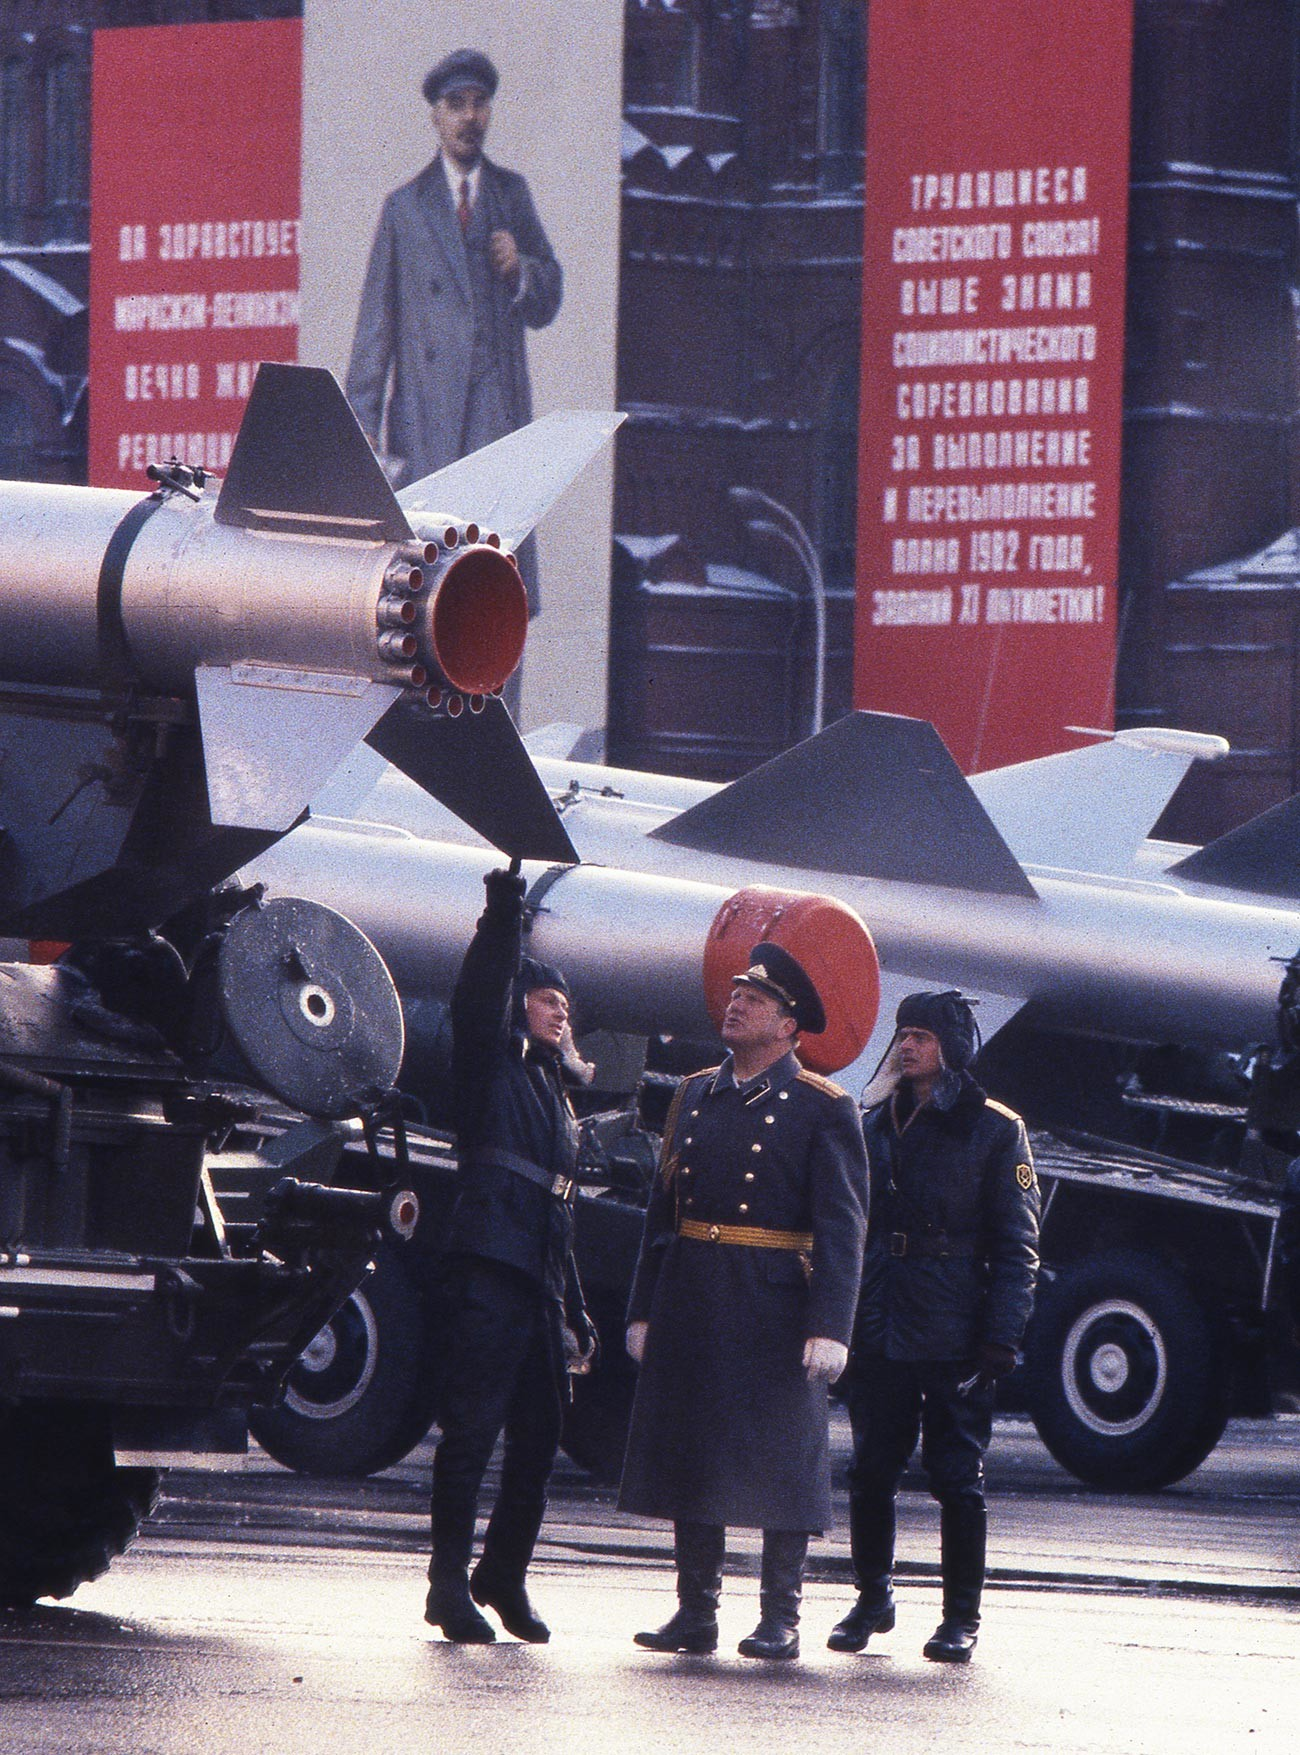 Časnik s vojnicima ispod rakete koja može nositi nuklearnu bojevu glavu uoči početka parade na Crvenom trgu povodom 65. godišnjice Oktobarske revolucije.